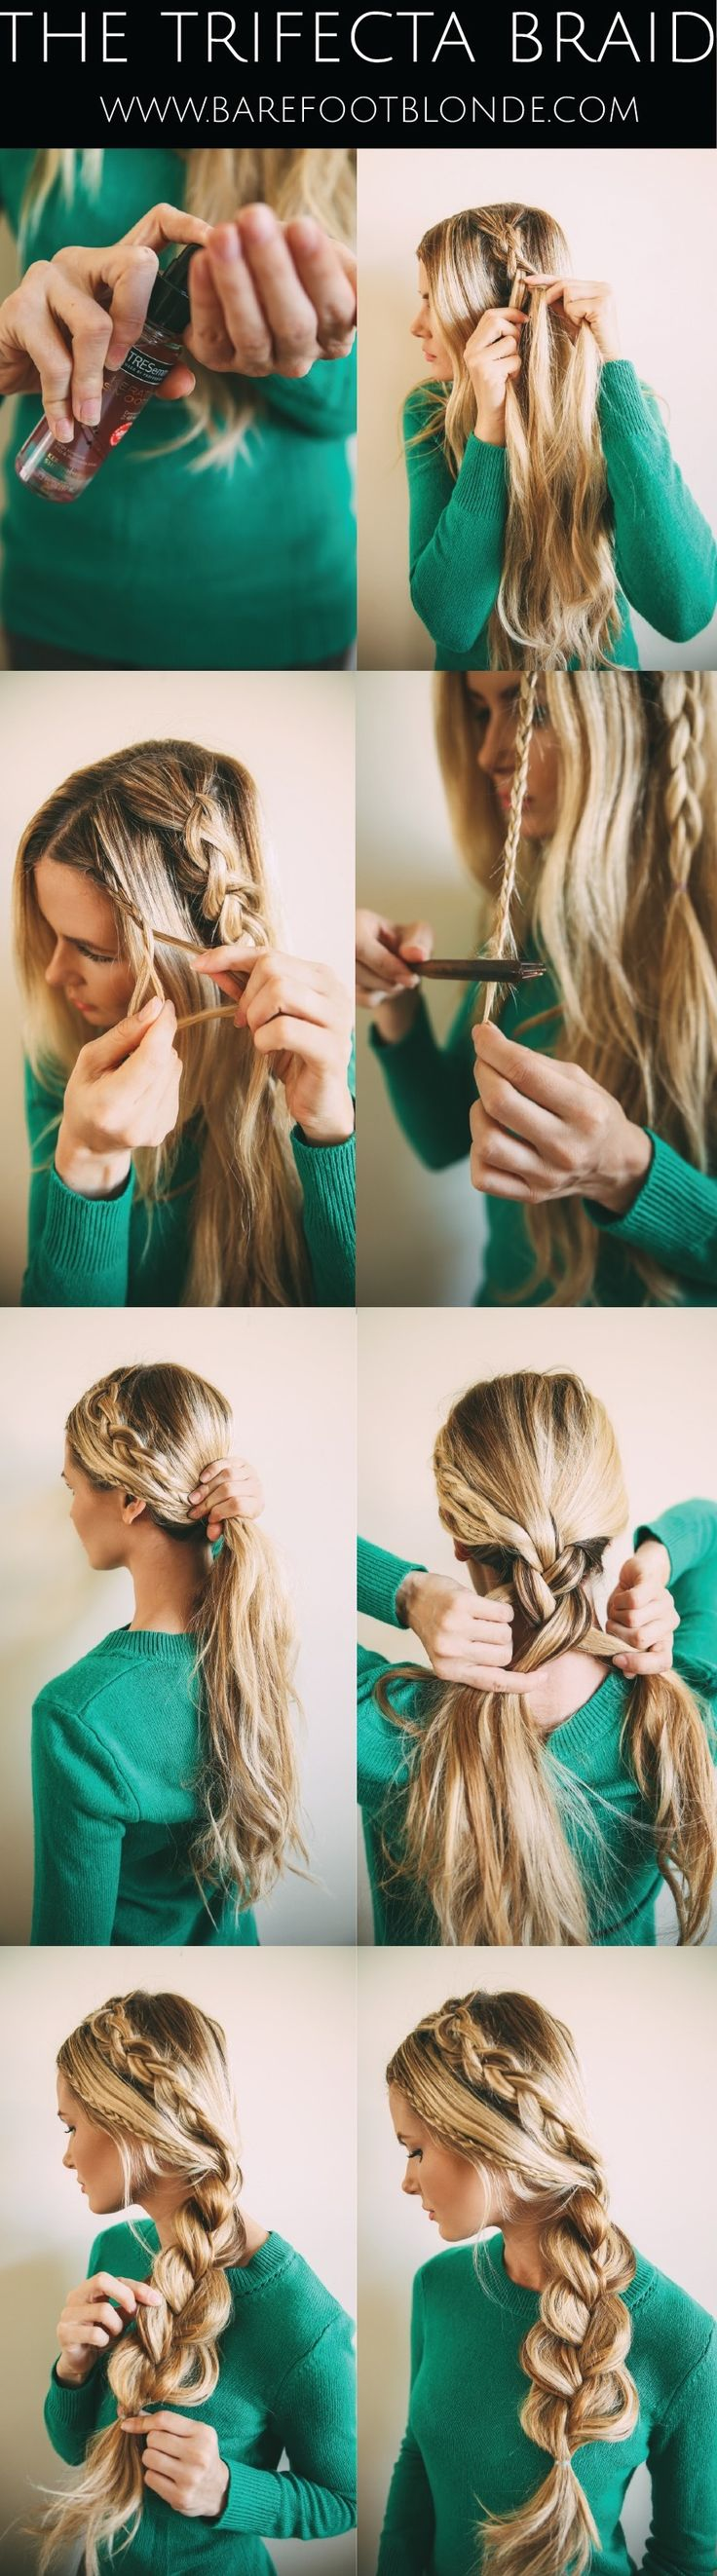 Como hacer estos 5 peinados con trenzas para novias paso a paso